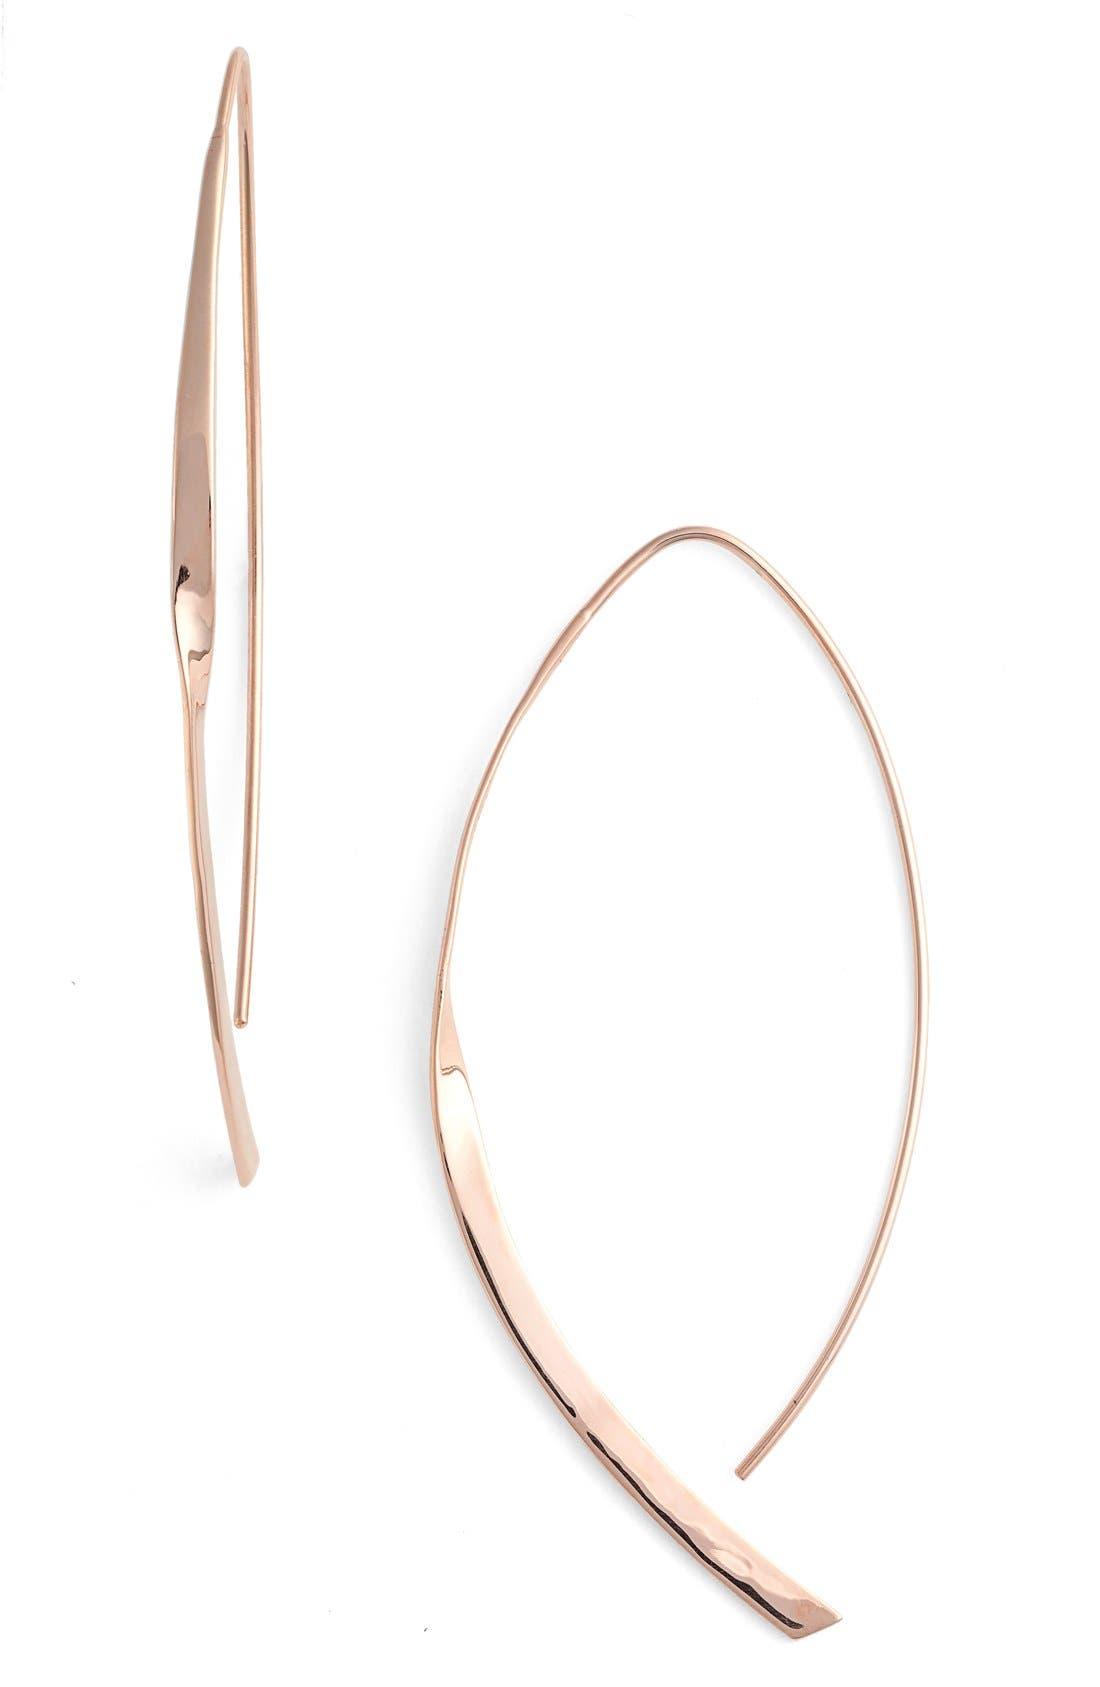 Lana Jewelry 'Twist Arch' Small Hoop Earrings